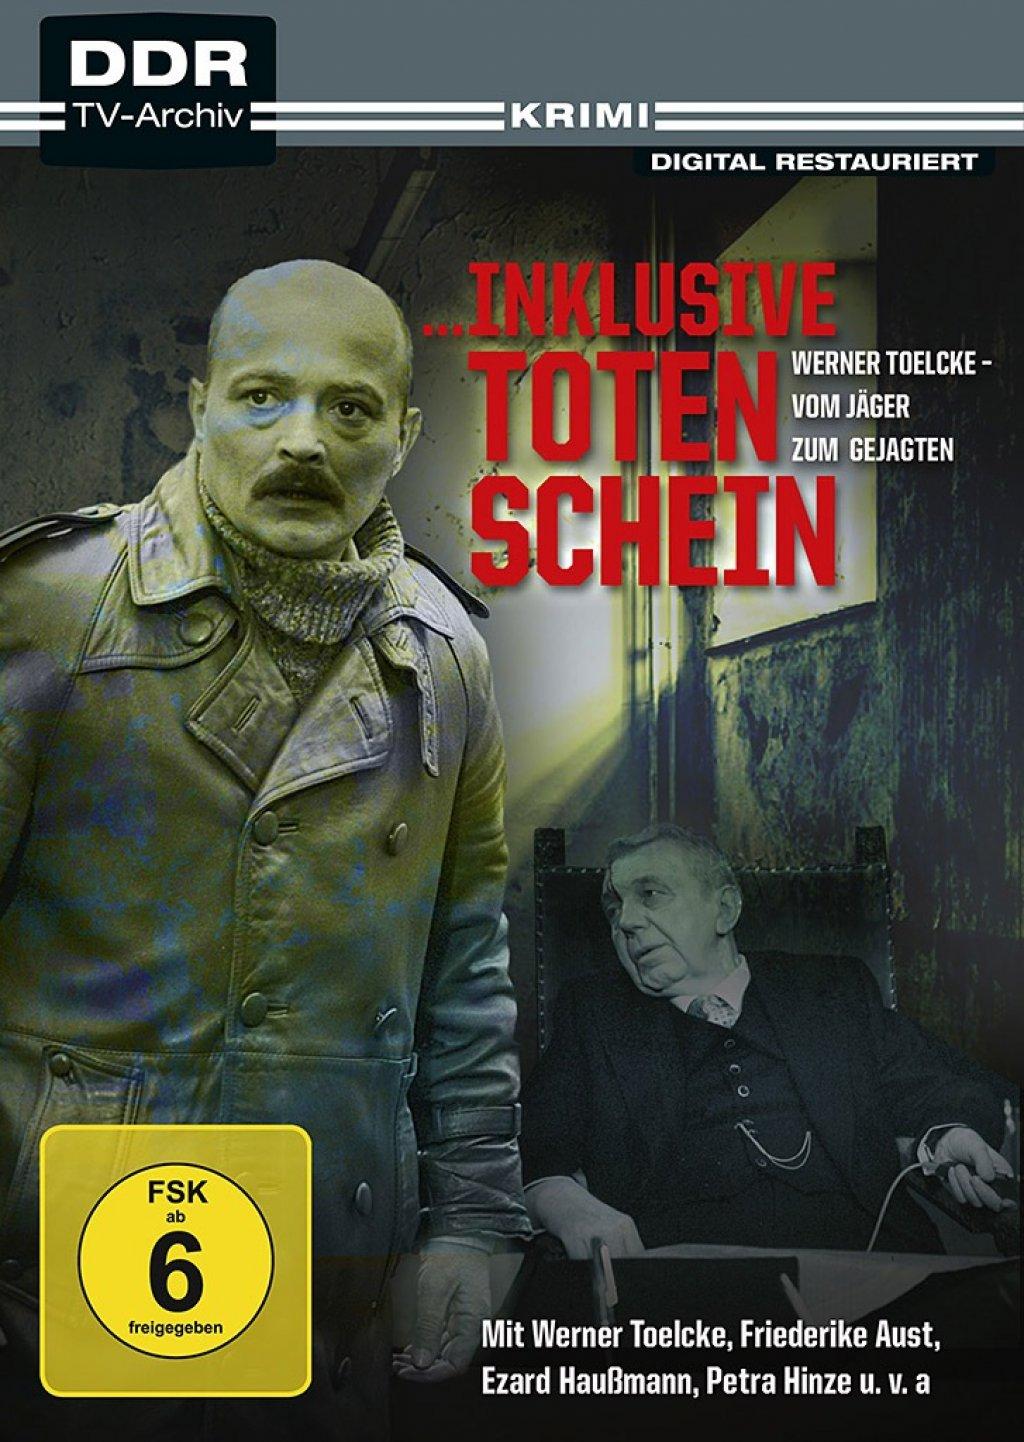 ...inklusive Totenschein - DDR TV-Archiv (DVD)